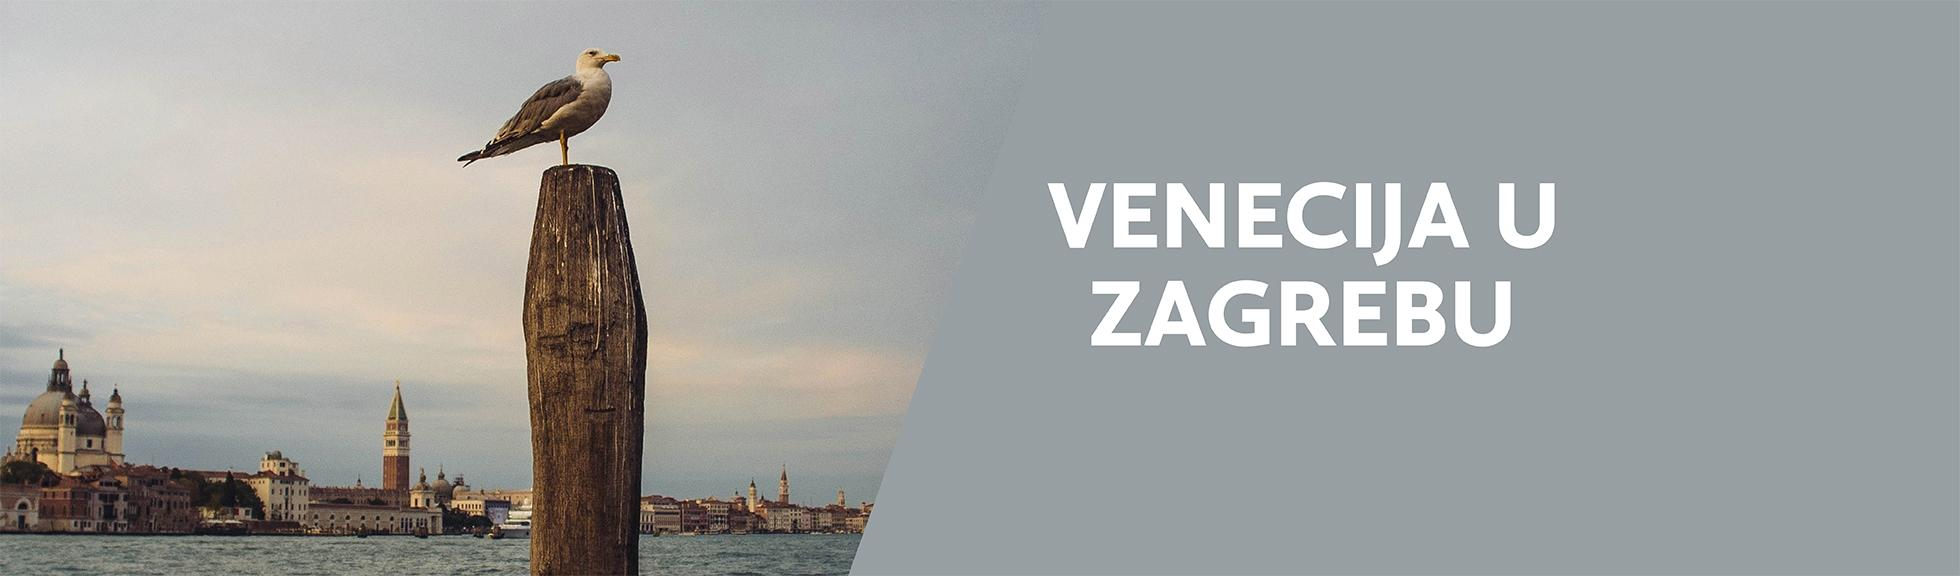 Venecija u kinu Europa